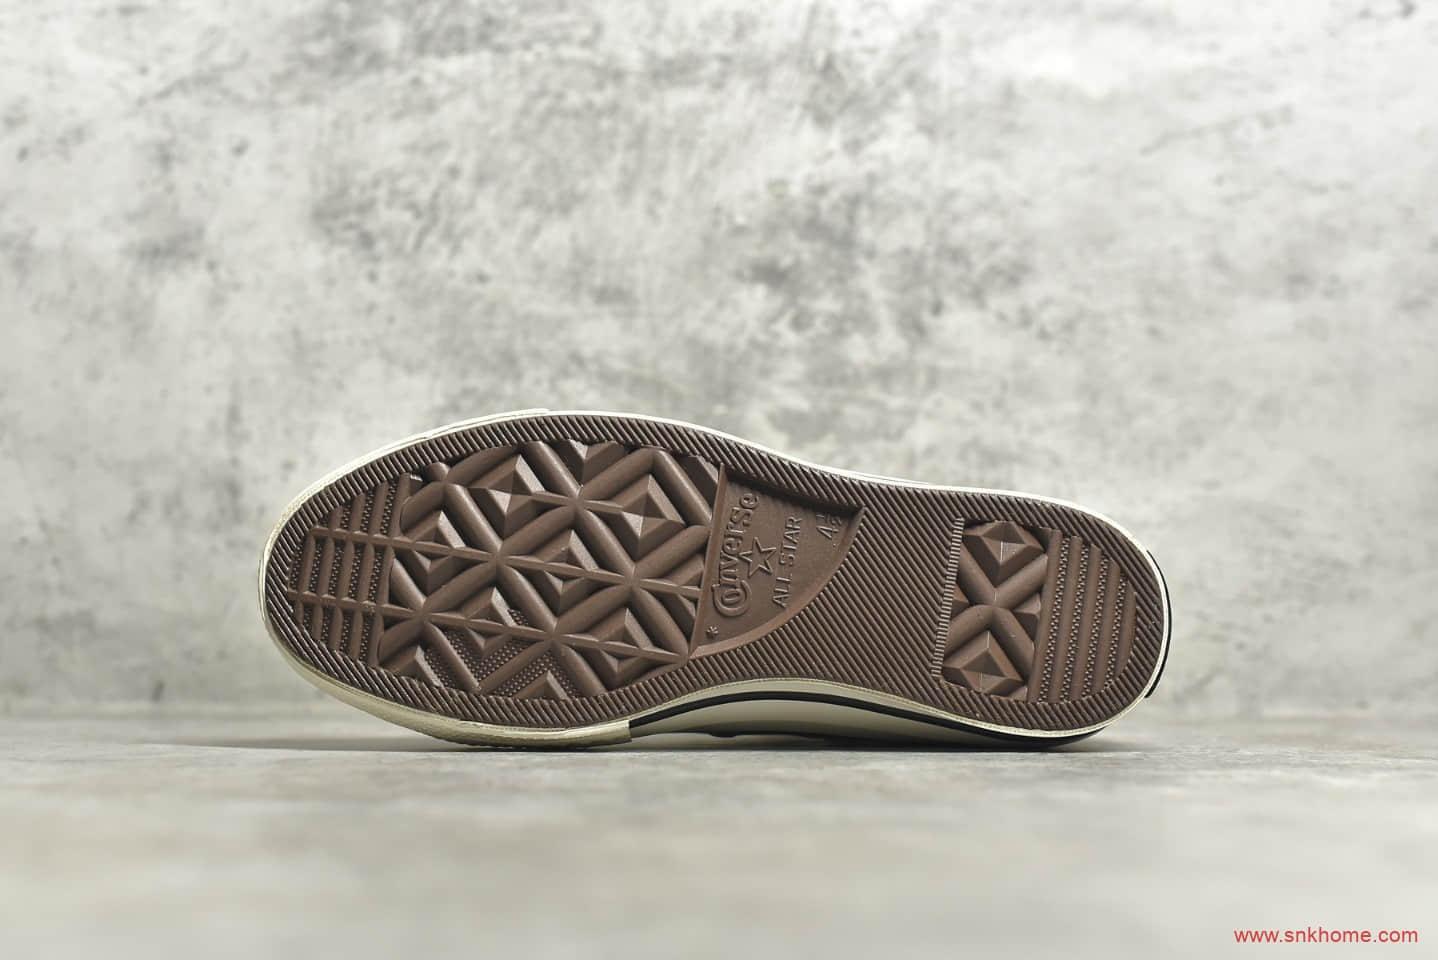 匡威1970S卡其色高帮 CONVERSE 1970S 匡威加绒秋冬款帆布鞋 货号:161040C-潮流者之家